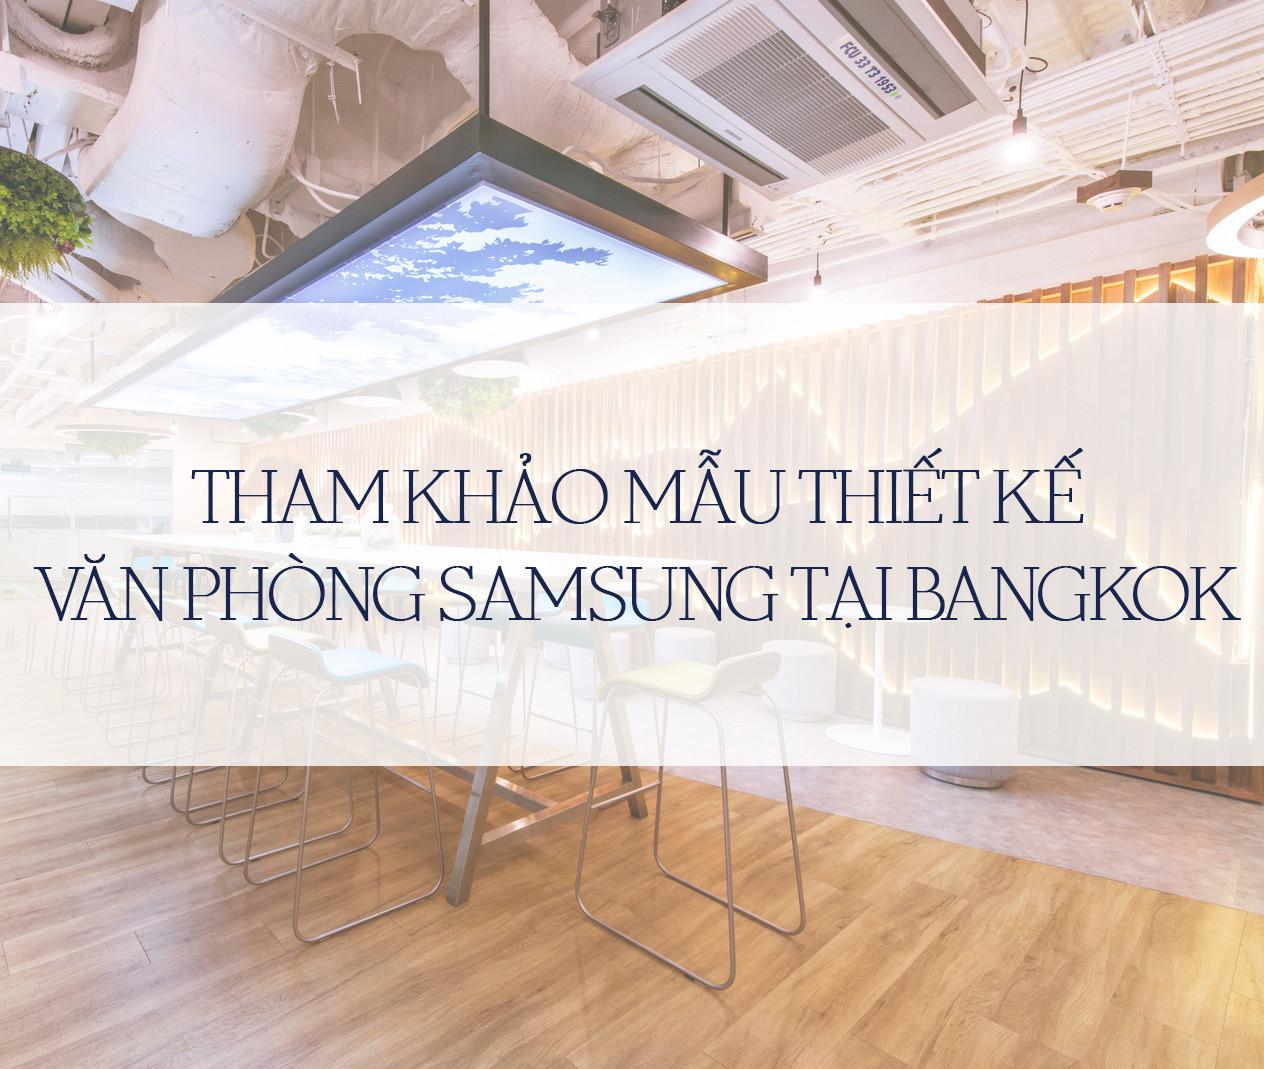 THAM KHẢO MẪU THIẾT KẾ VĂN PHÒNG SAMSUNG TẠI BANGKOK